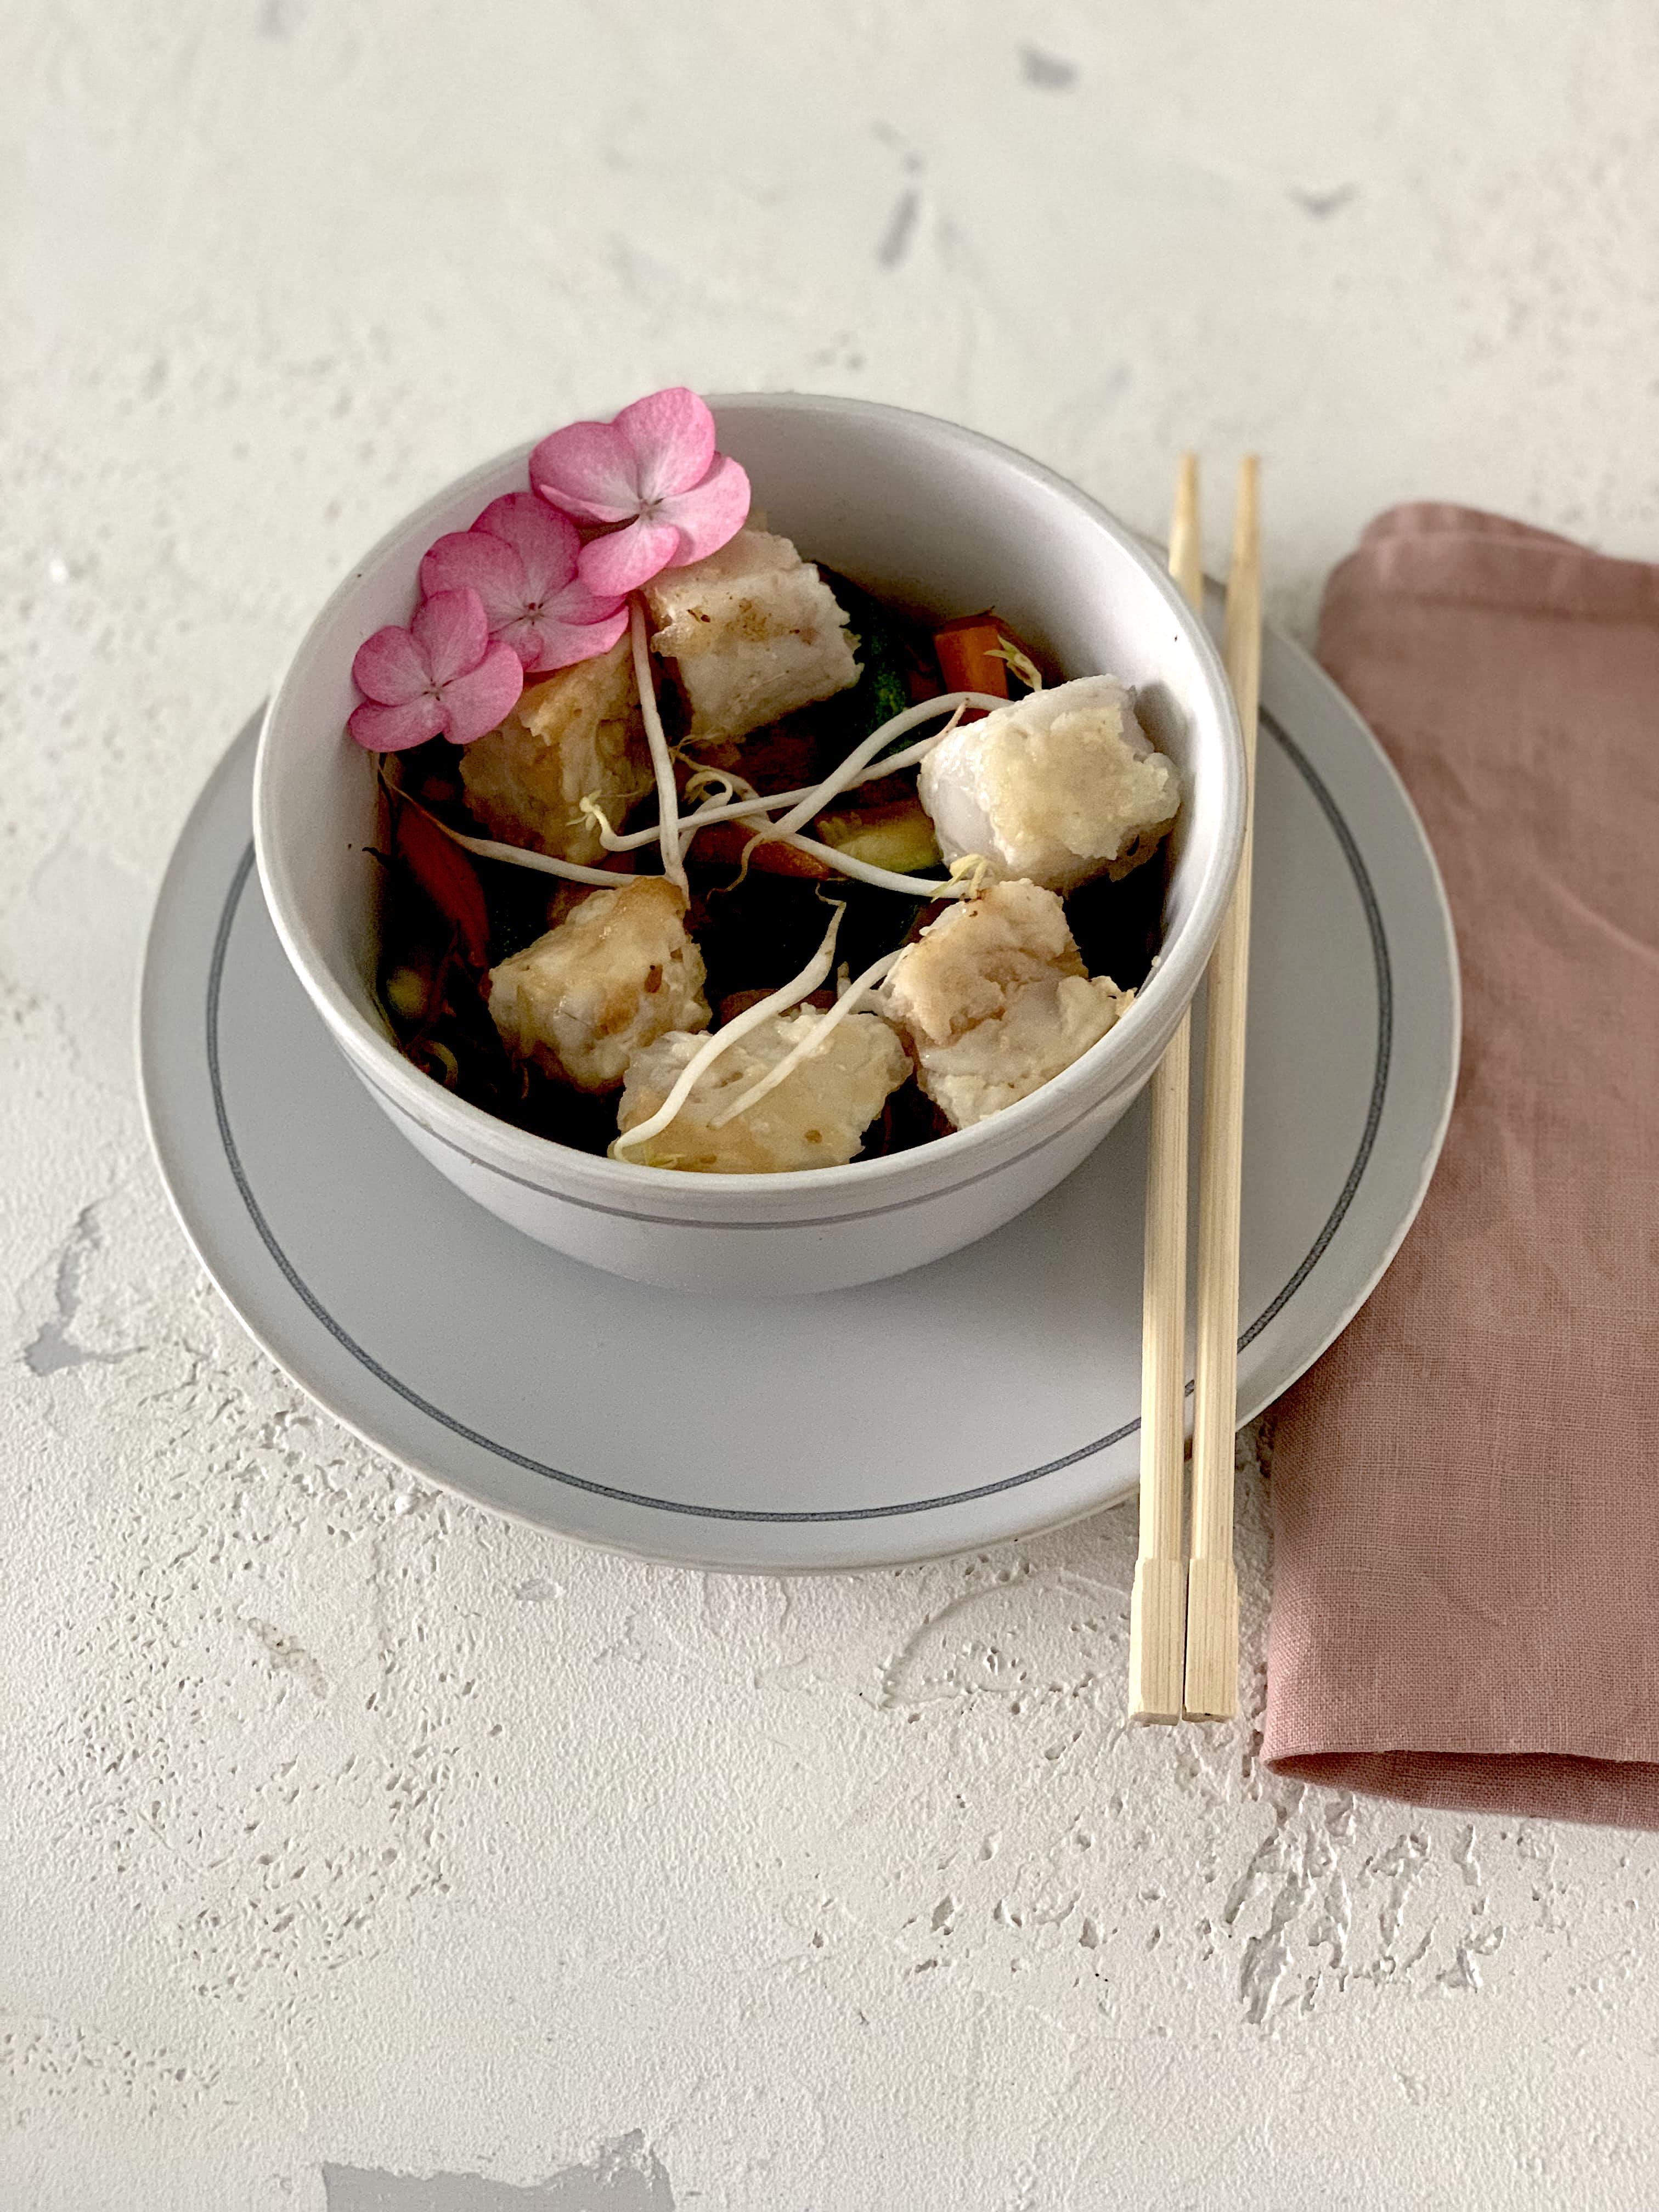 Ricetta cinese bocconcini merluzzo